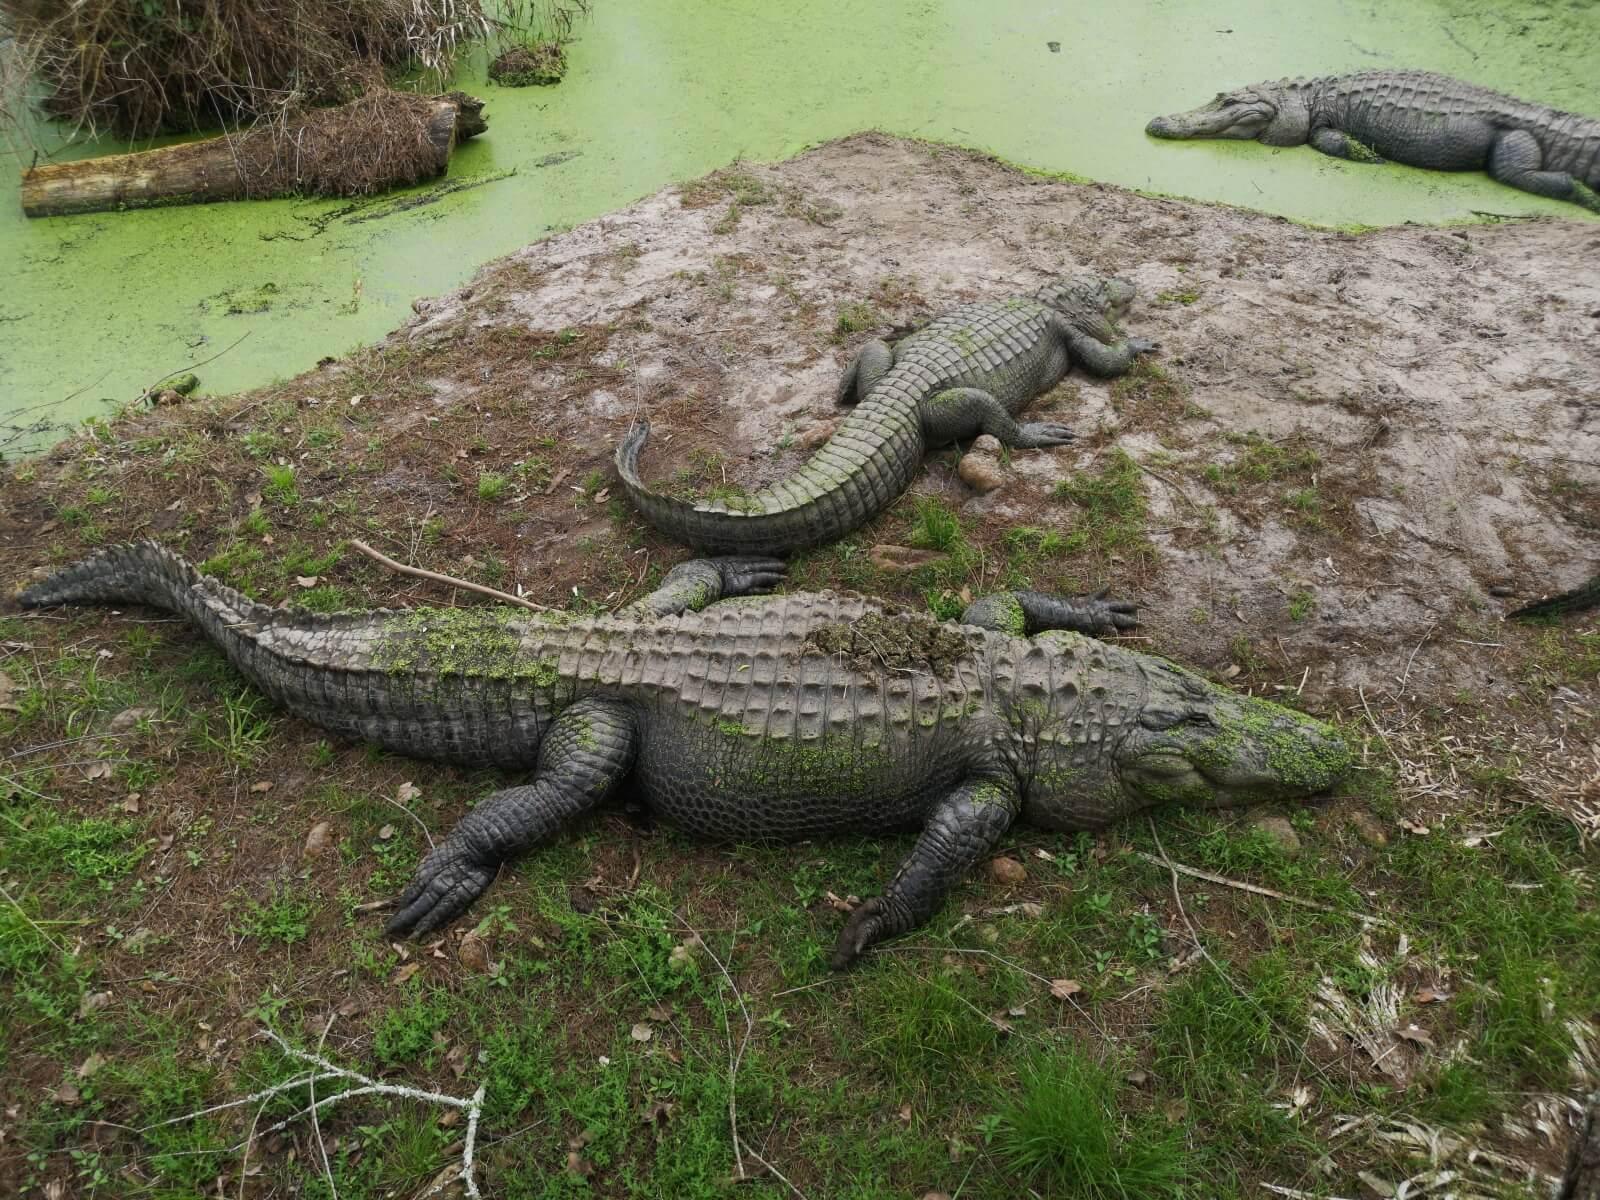 15.03.2020 bis 23.03.2020: Kriegsschiffe und Alligatoren – Weiterreisen trotz weltweiter Gesundheitskrise?